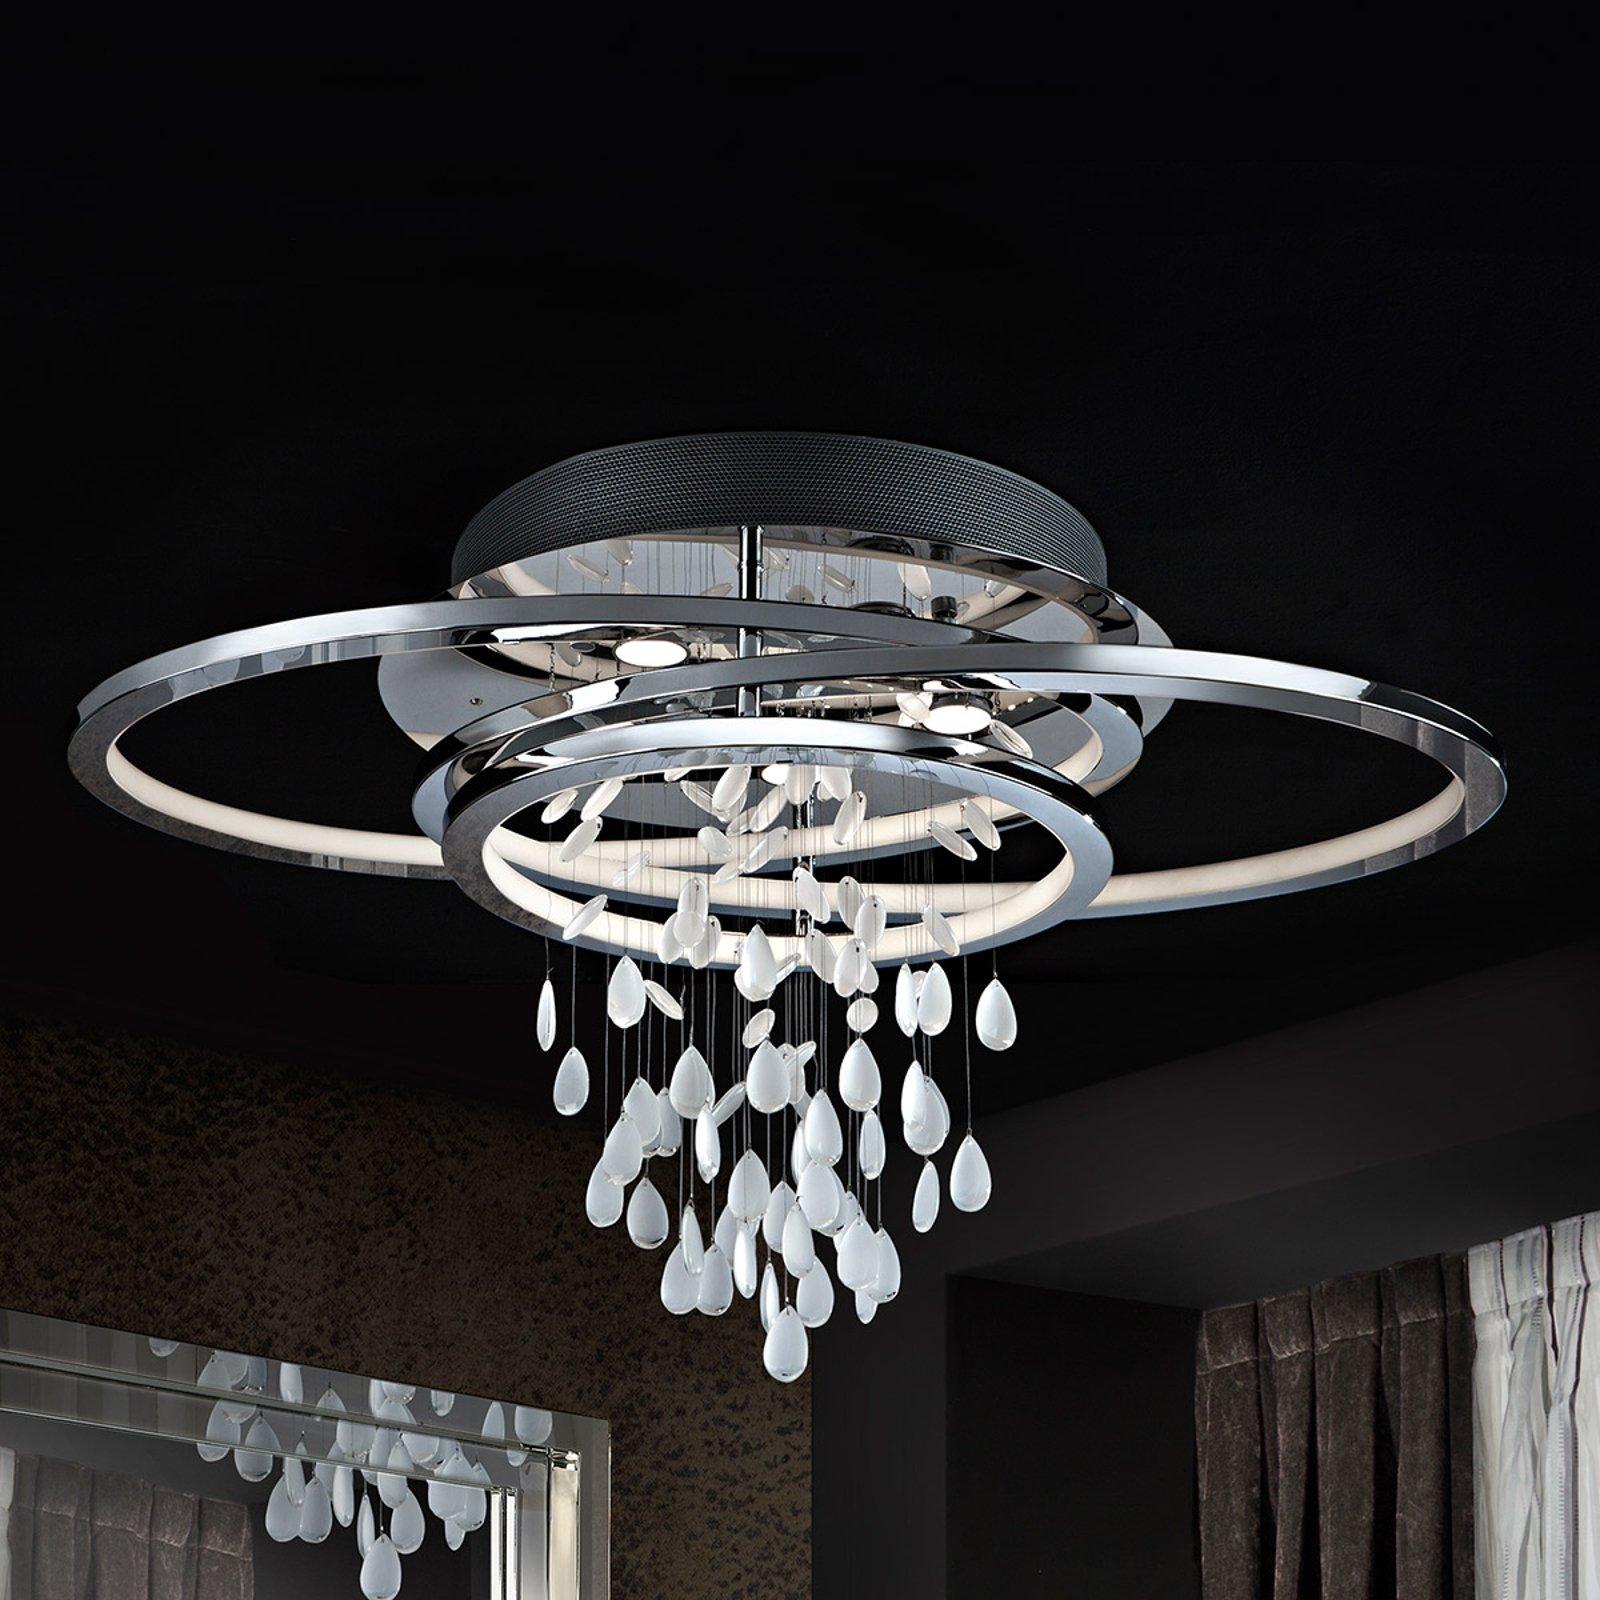 Bruma eksklusivt formet designtaklampe